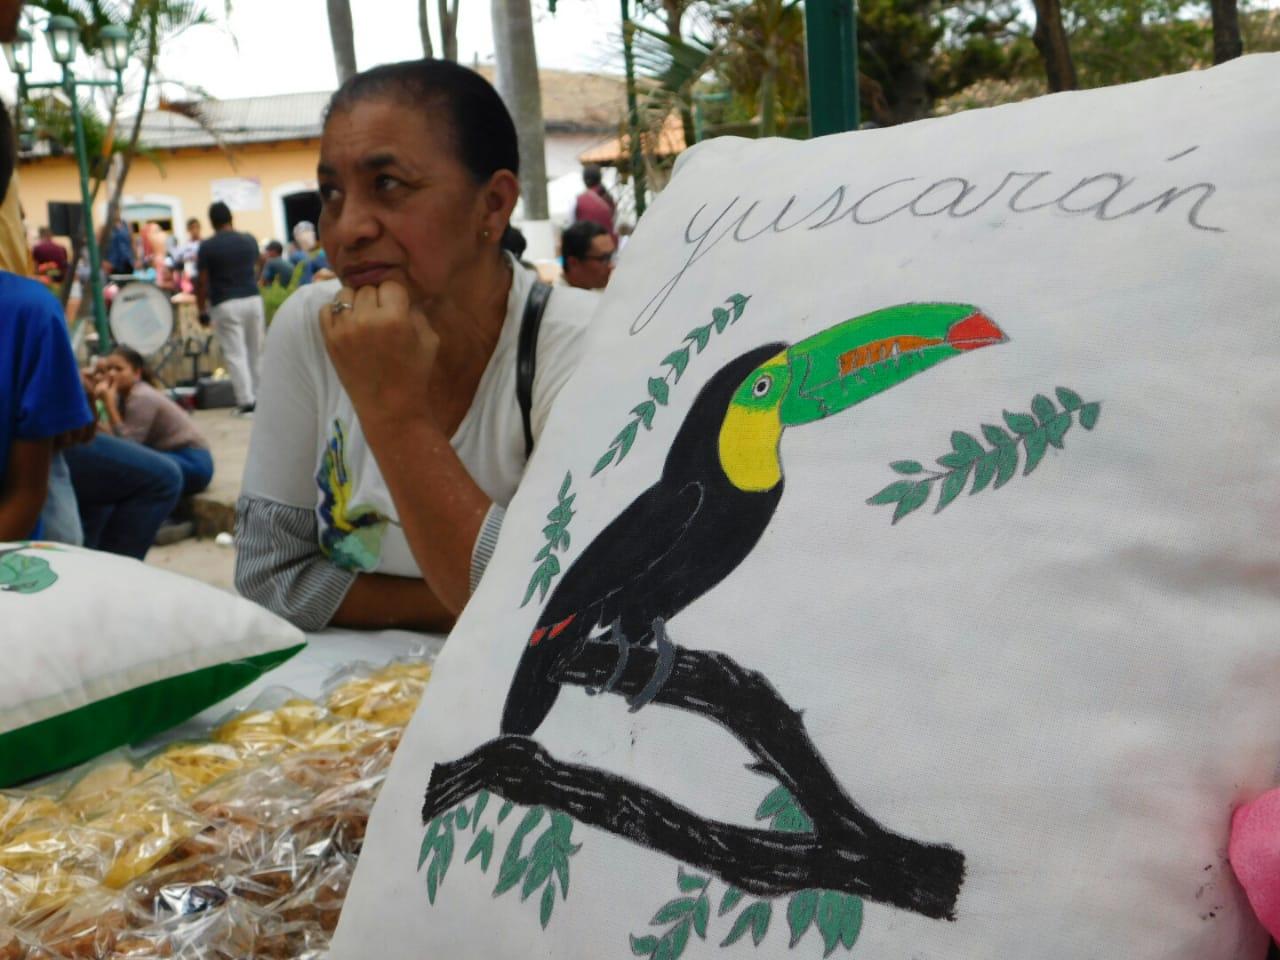 Habitantes de Yuscarán exponiendo sus productos en el parque de dicho lugar.